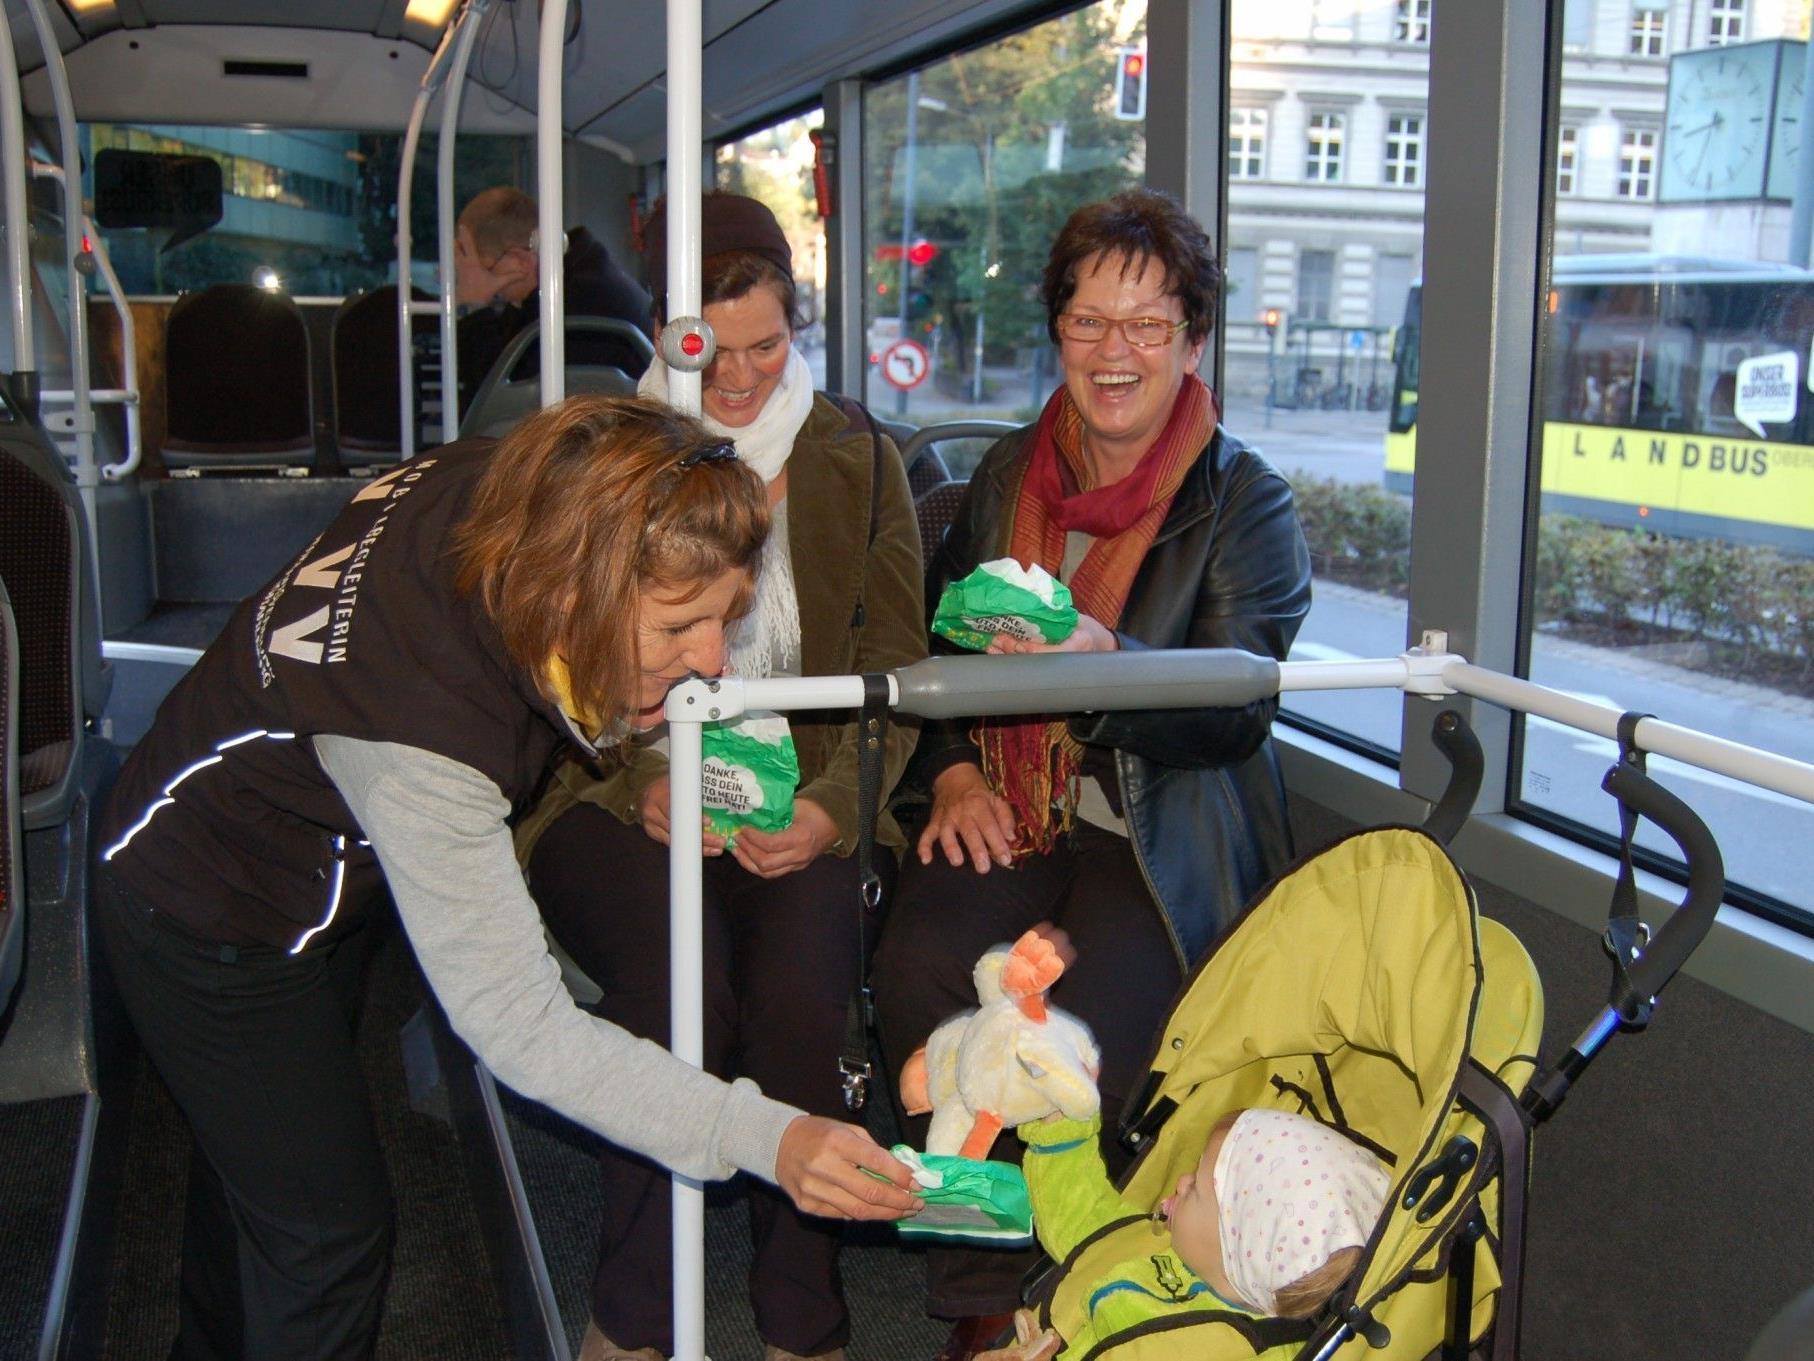 Zahlreiche Stadtbusfahrgäste freuten sich über die nette Überraschung am Morgen.